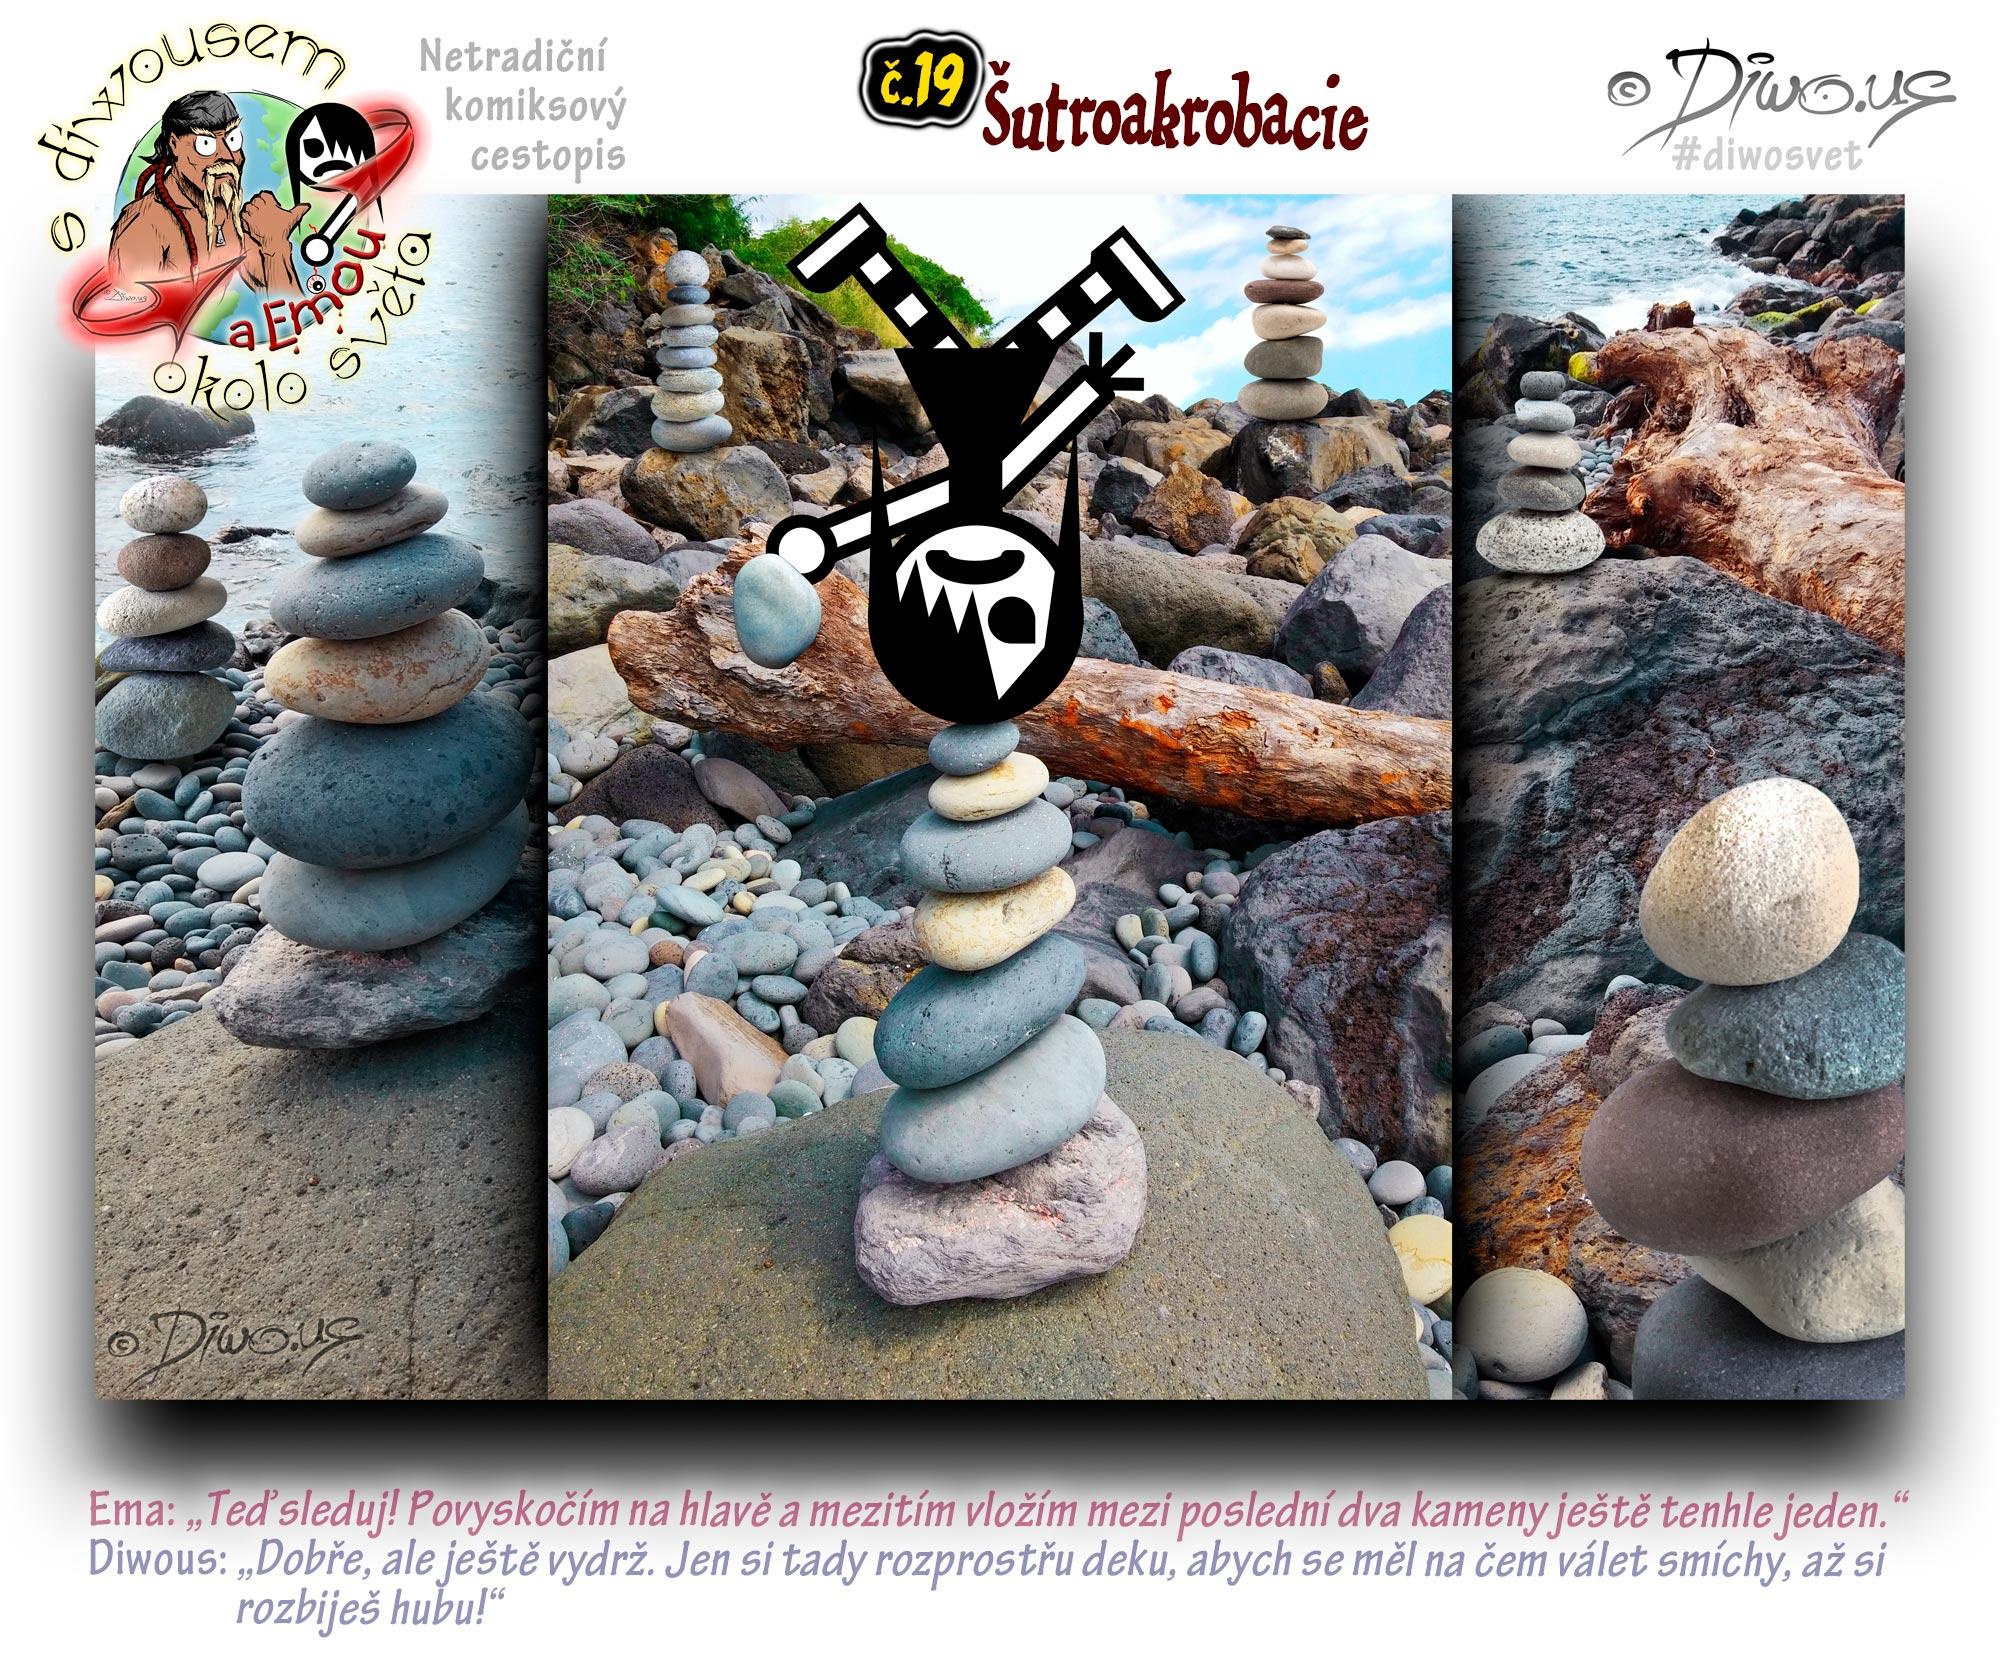 Diwous - netradiční komiksový cestopis, kamenitá pláž, vyplavené dřevo, kmen, akrobacie, stojka na hlavě, adrenalin, meditace, umění, stone, rock balancing, beach, alluvial trunk, headstand, relax, amazing, art, meditation, moře, břeh, oceán, sea, shore, balancování s kameny, pyramidy